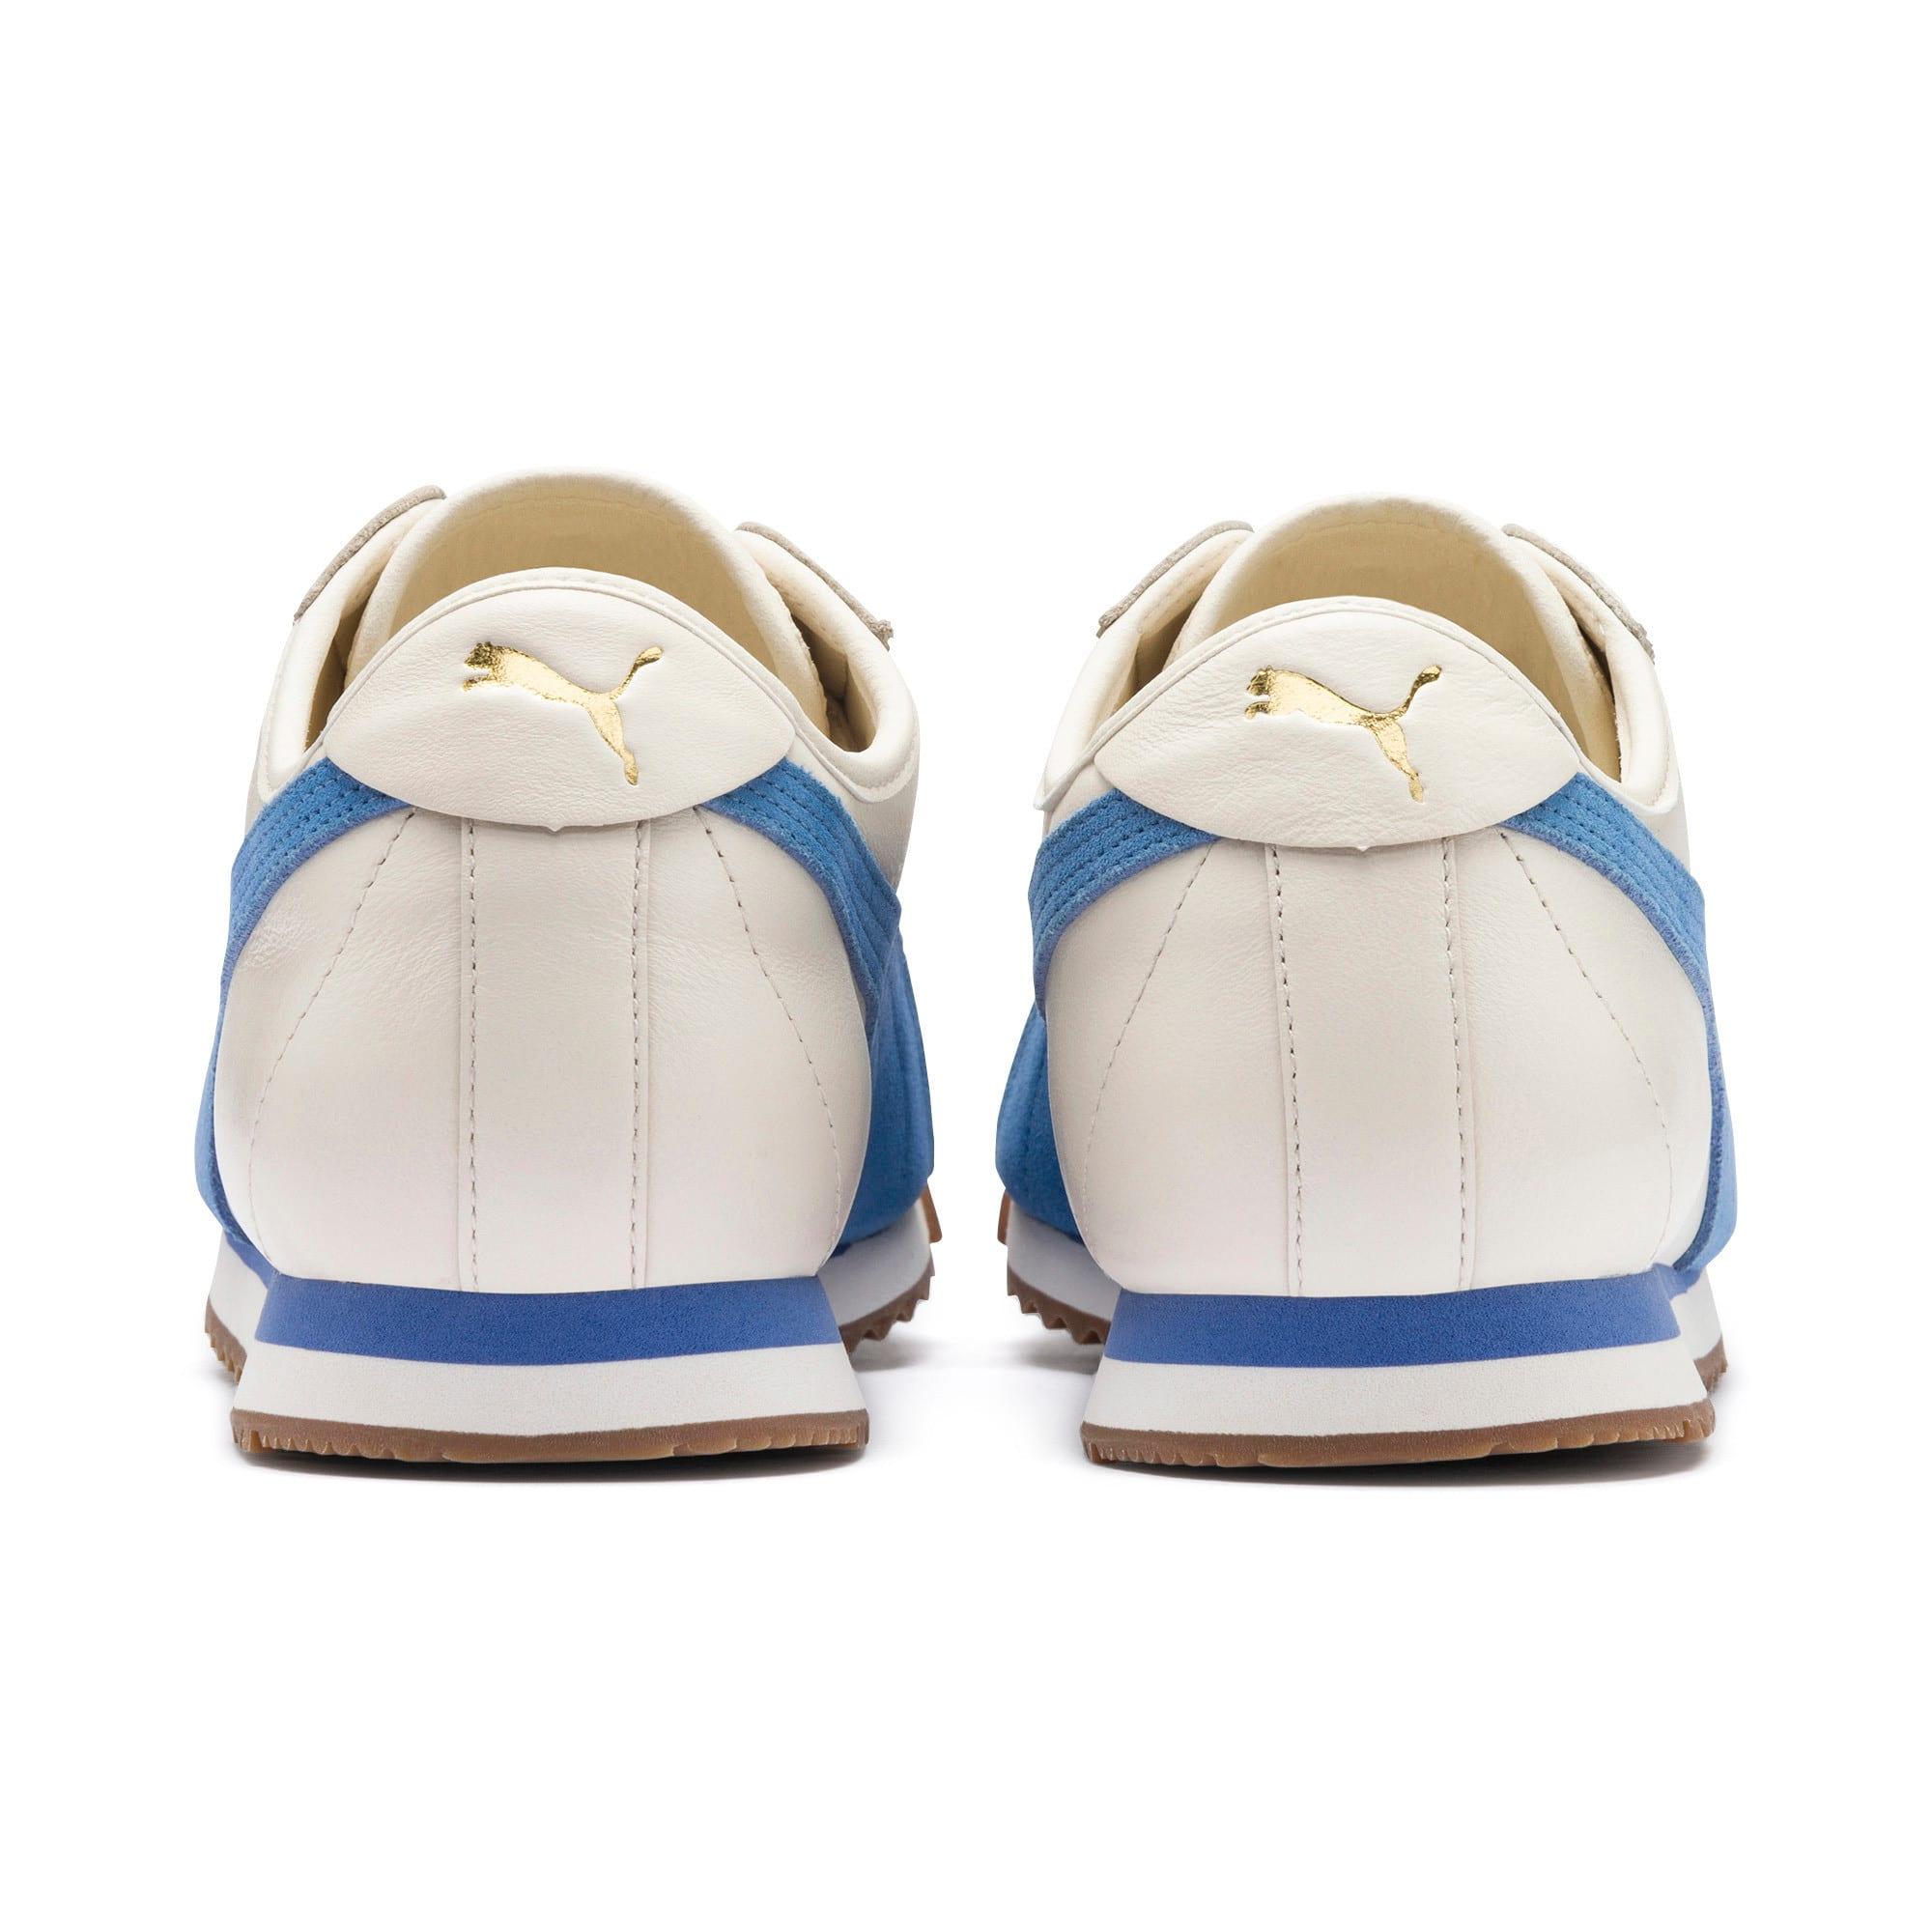 Miniatura 4 de Zapatos deportivosRoma '68 OG, Whisper White-Blue Yonder, mediano